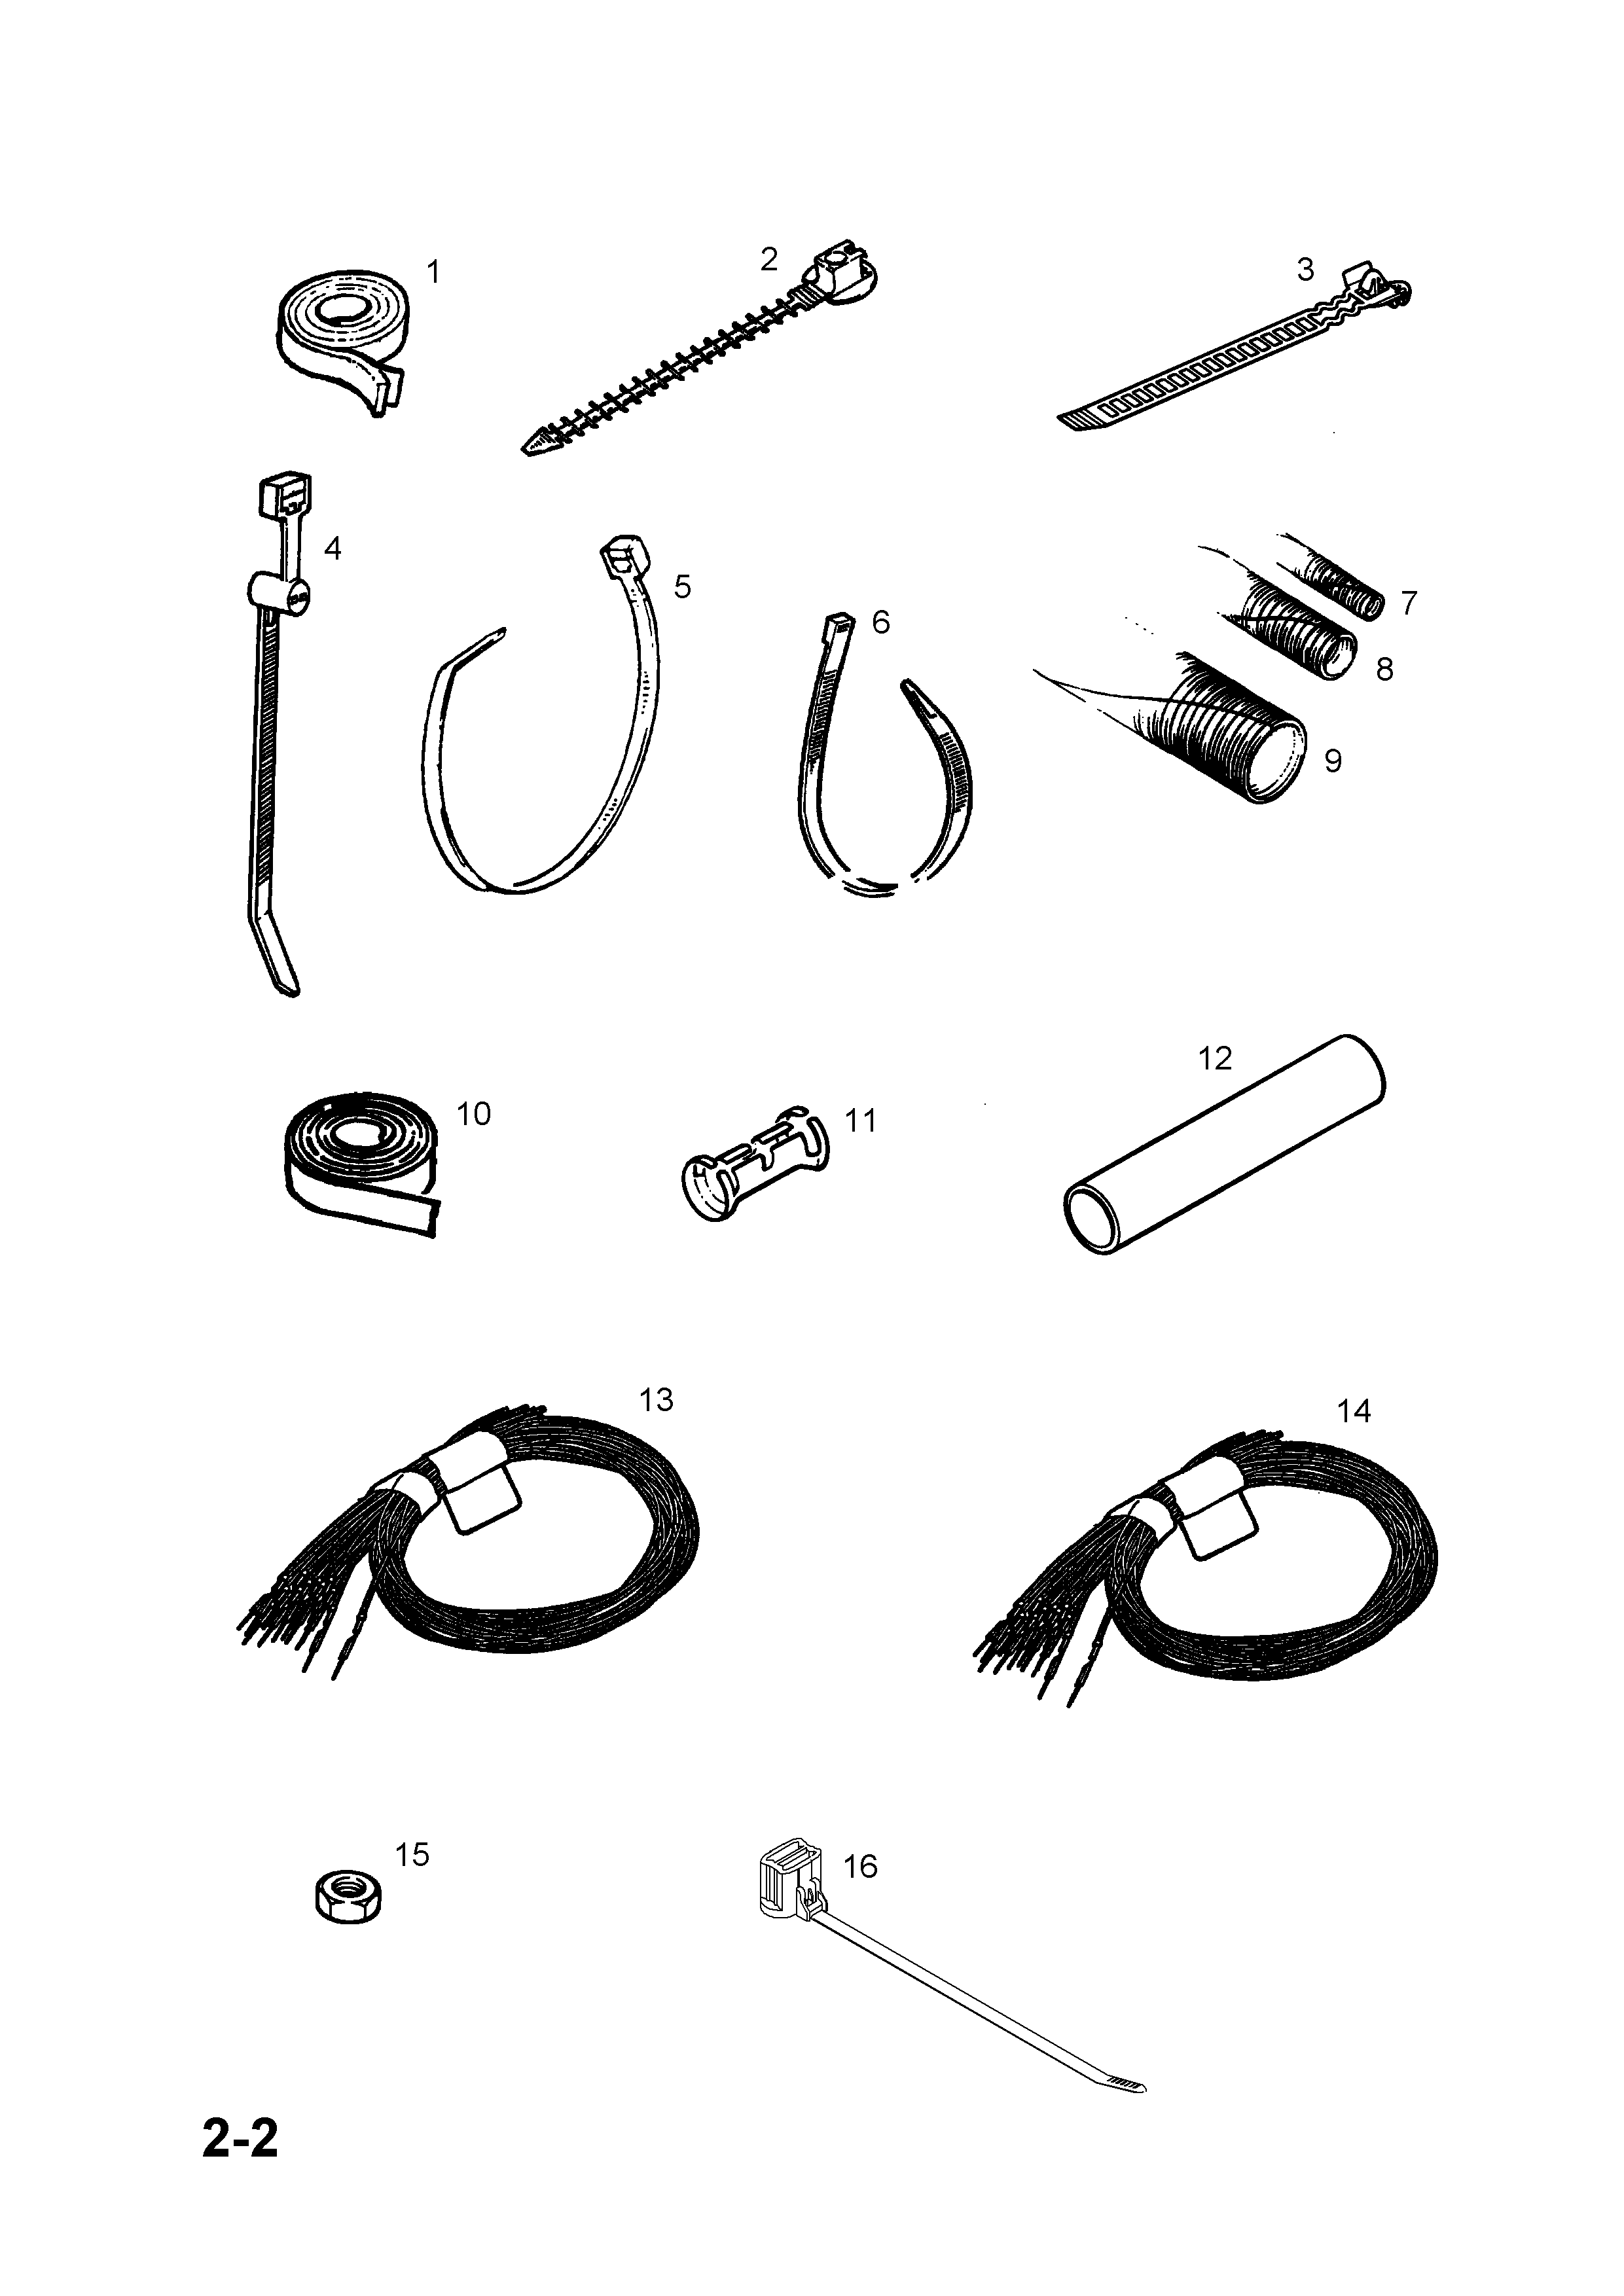 Vauxhall WORKSHOP MATERIALS , 2 WIRING HARNESS REPAIR KITS ... on throttle body repair kit, electrical repair kit, transmission repair kit, heater core repair kit, wiper motor repair kit, fuse box repair kit, oil pump repair kit, dash panel repair kit, power steering pump repair kit, instrument cluster repair kit, cable repair kit, horn repair kit, mirror repair kit, intake manifold repair kit, alternator repair kit, drive shaft repair kit, ecm repair kit, fuel pump repair kit, a/c compressor repair kit, speaker repair kit,